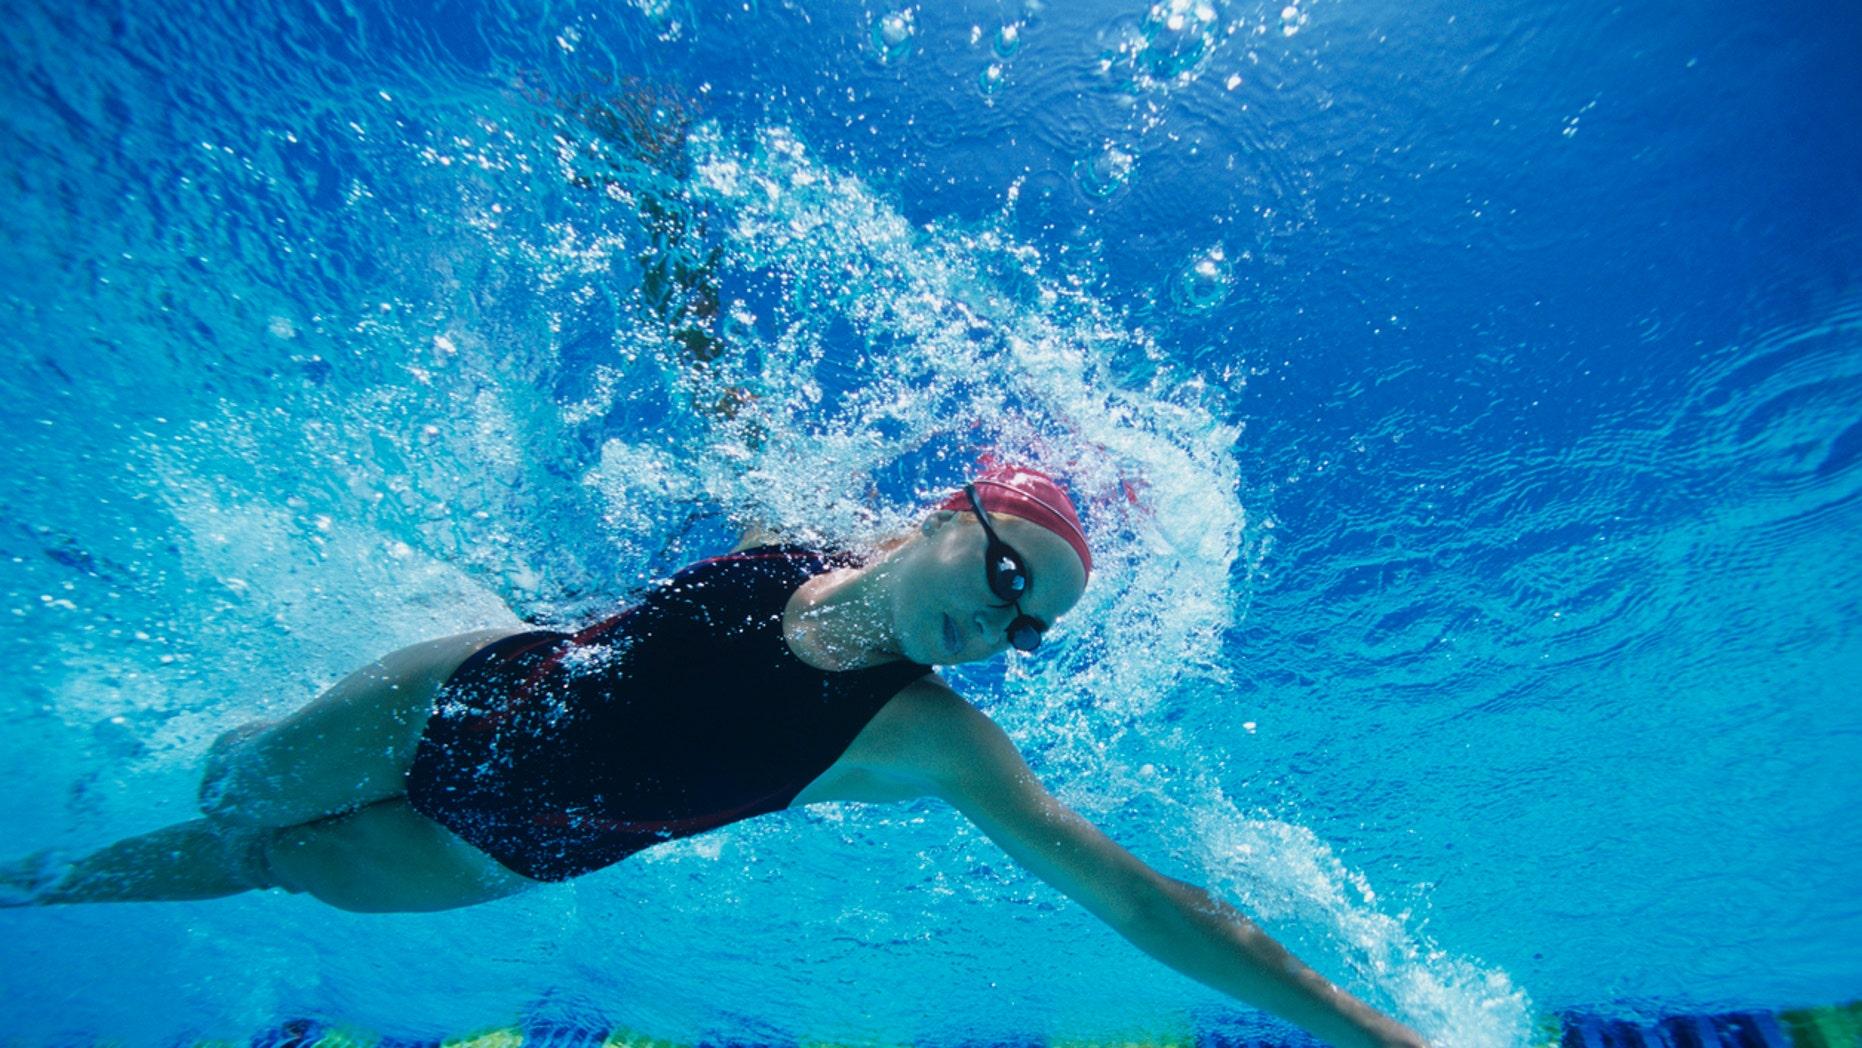 Female Swimmer Swimming Mid-stroke